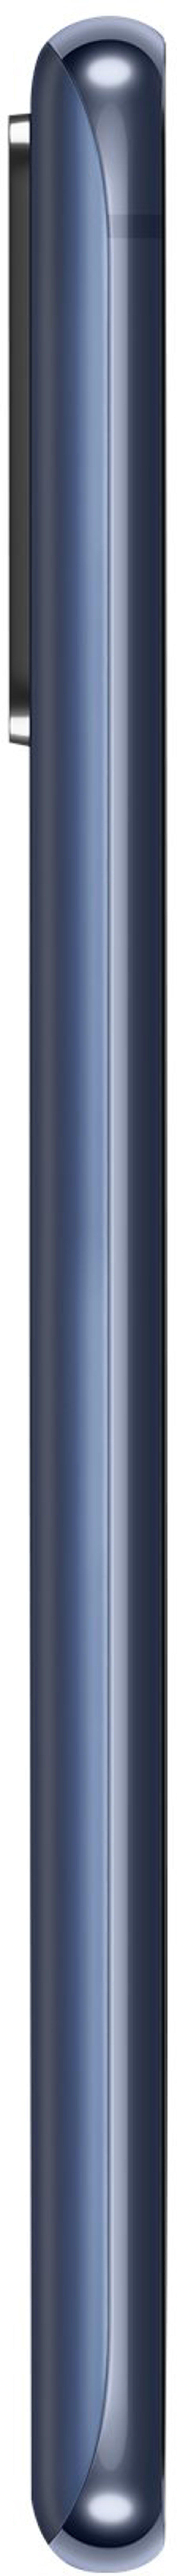 Samsung Galaxy S20 FE 128GB 128GB Dual-SIM Wolkmarine